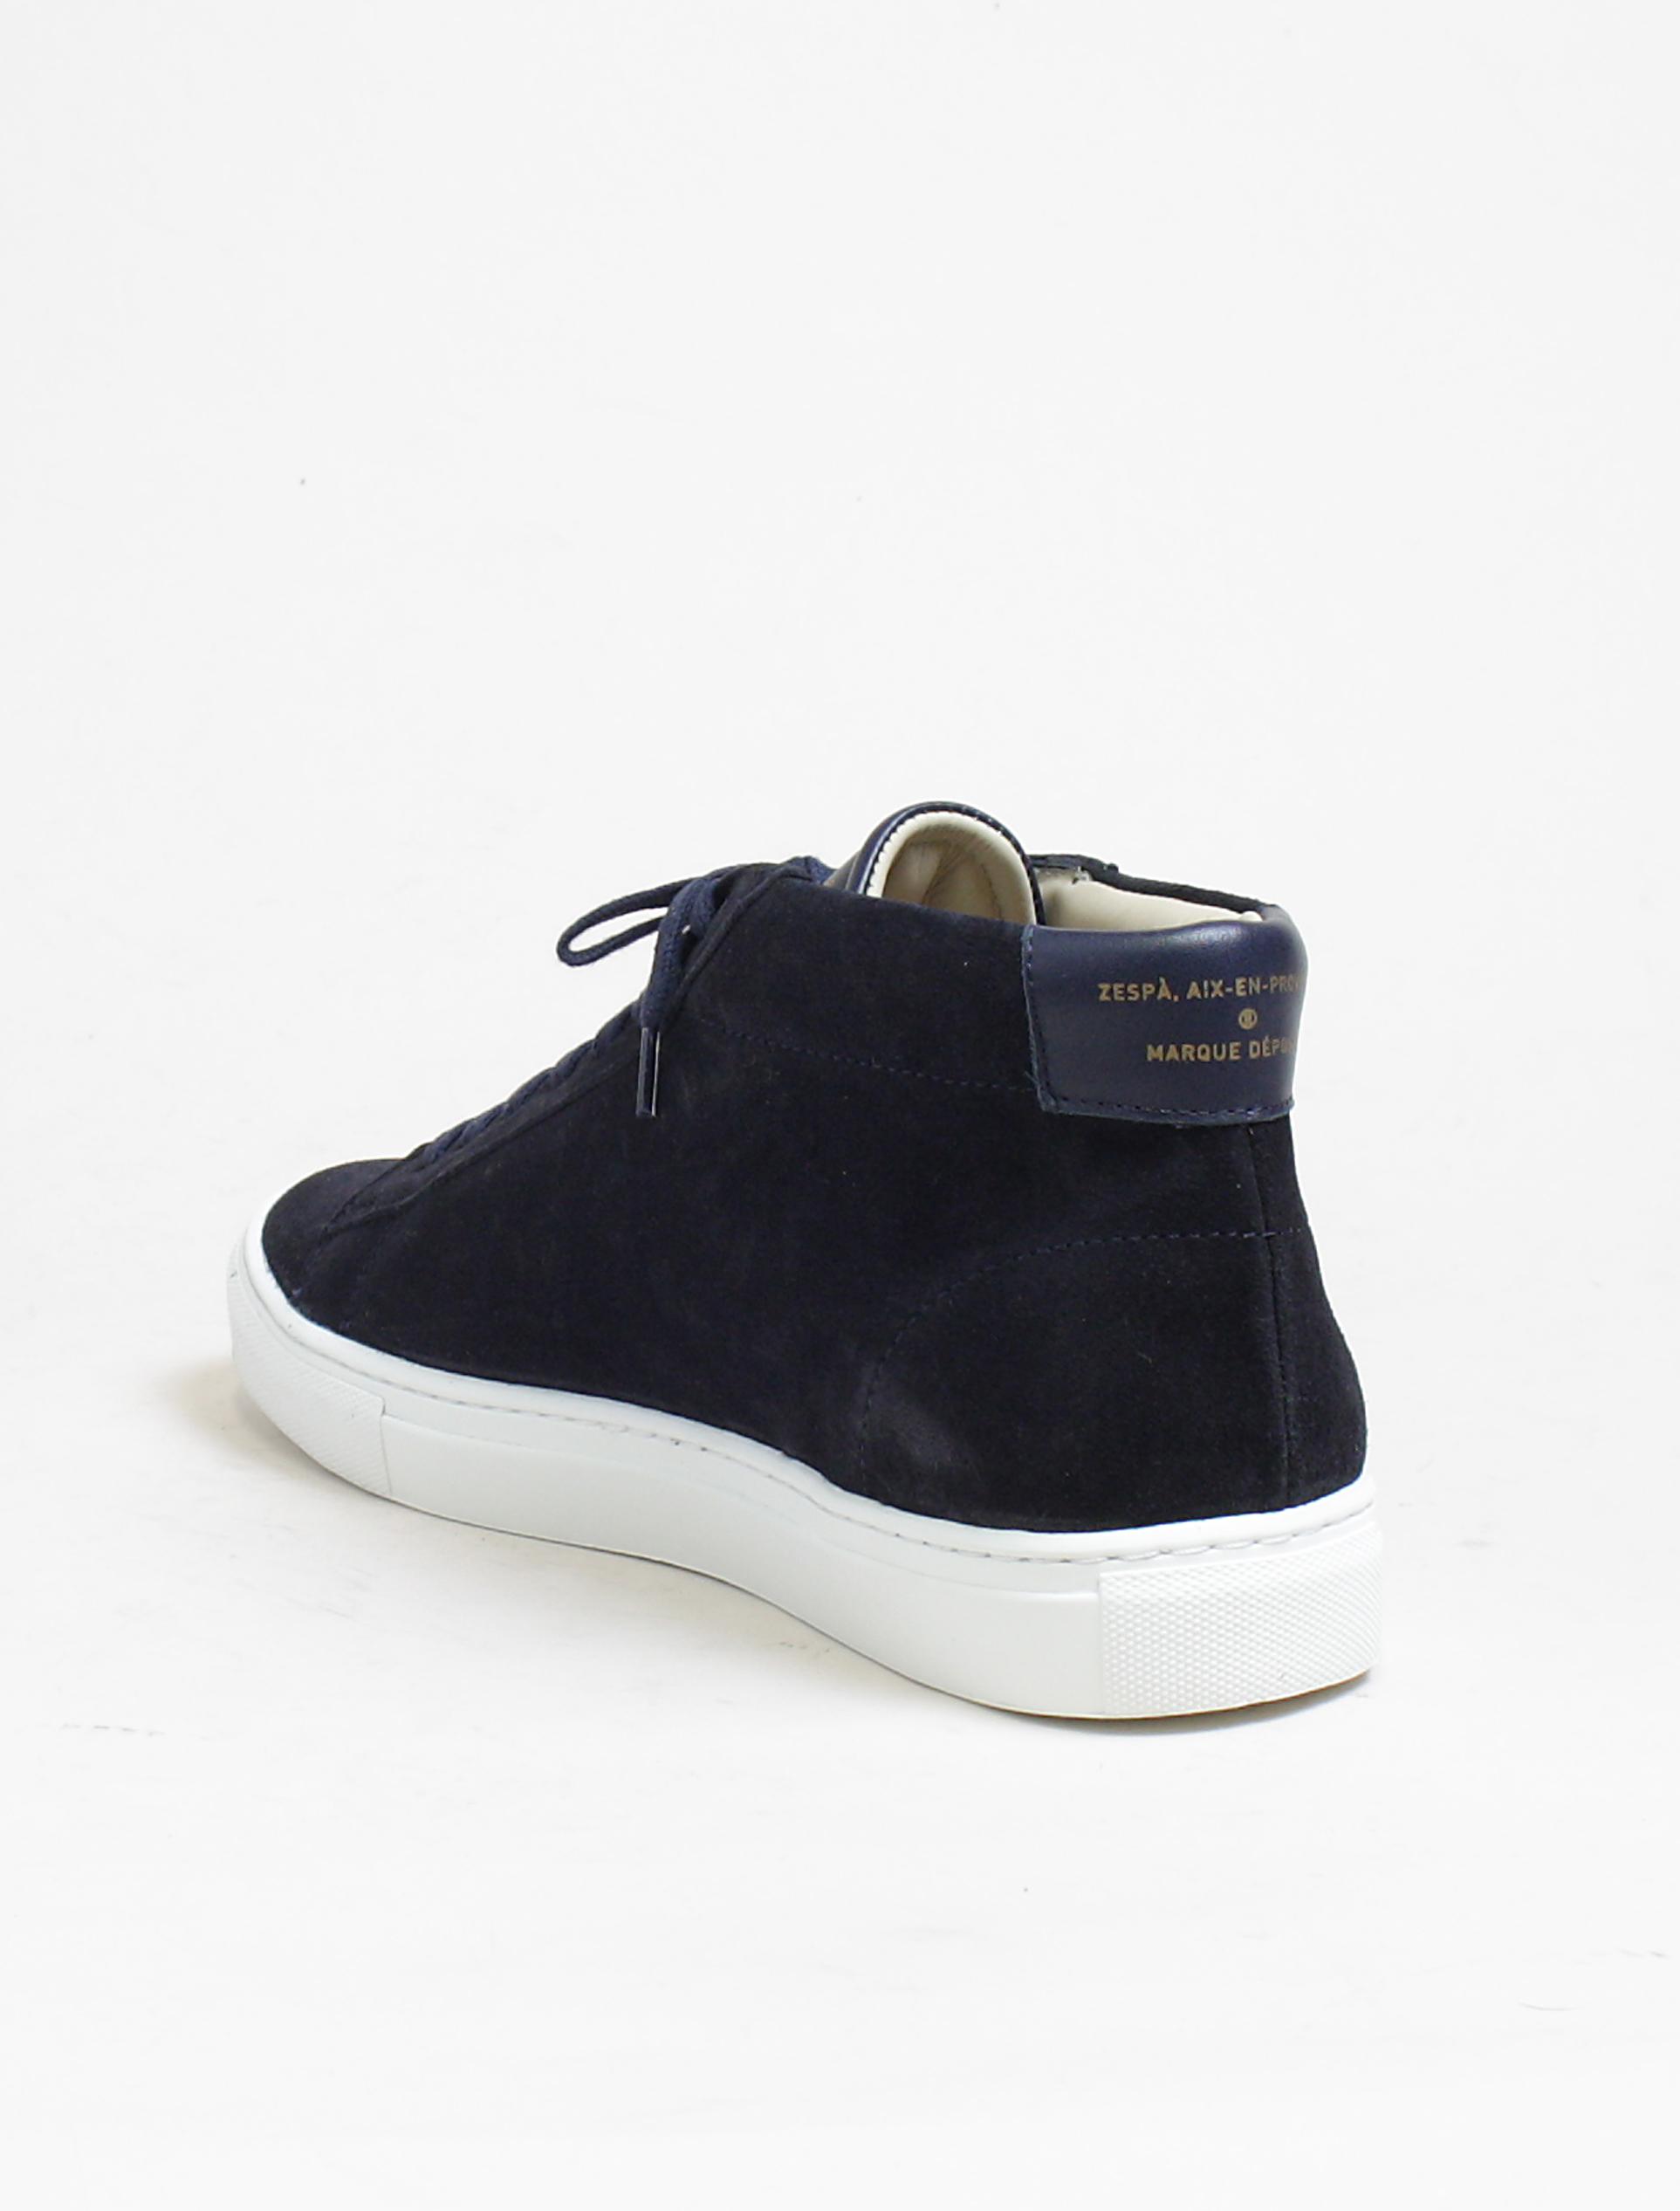 Zespa zsps sneakers suede navy dettaglio interno